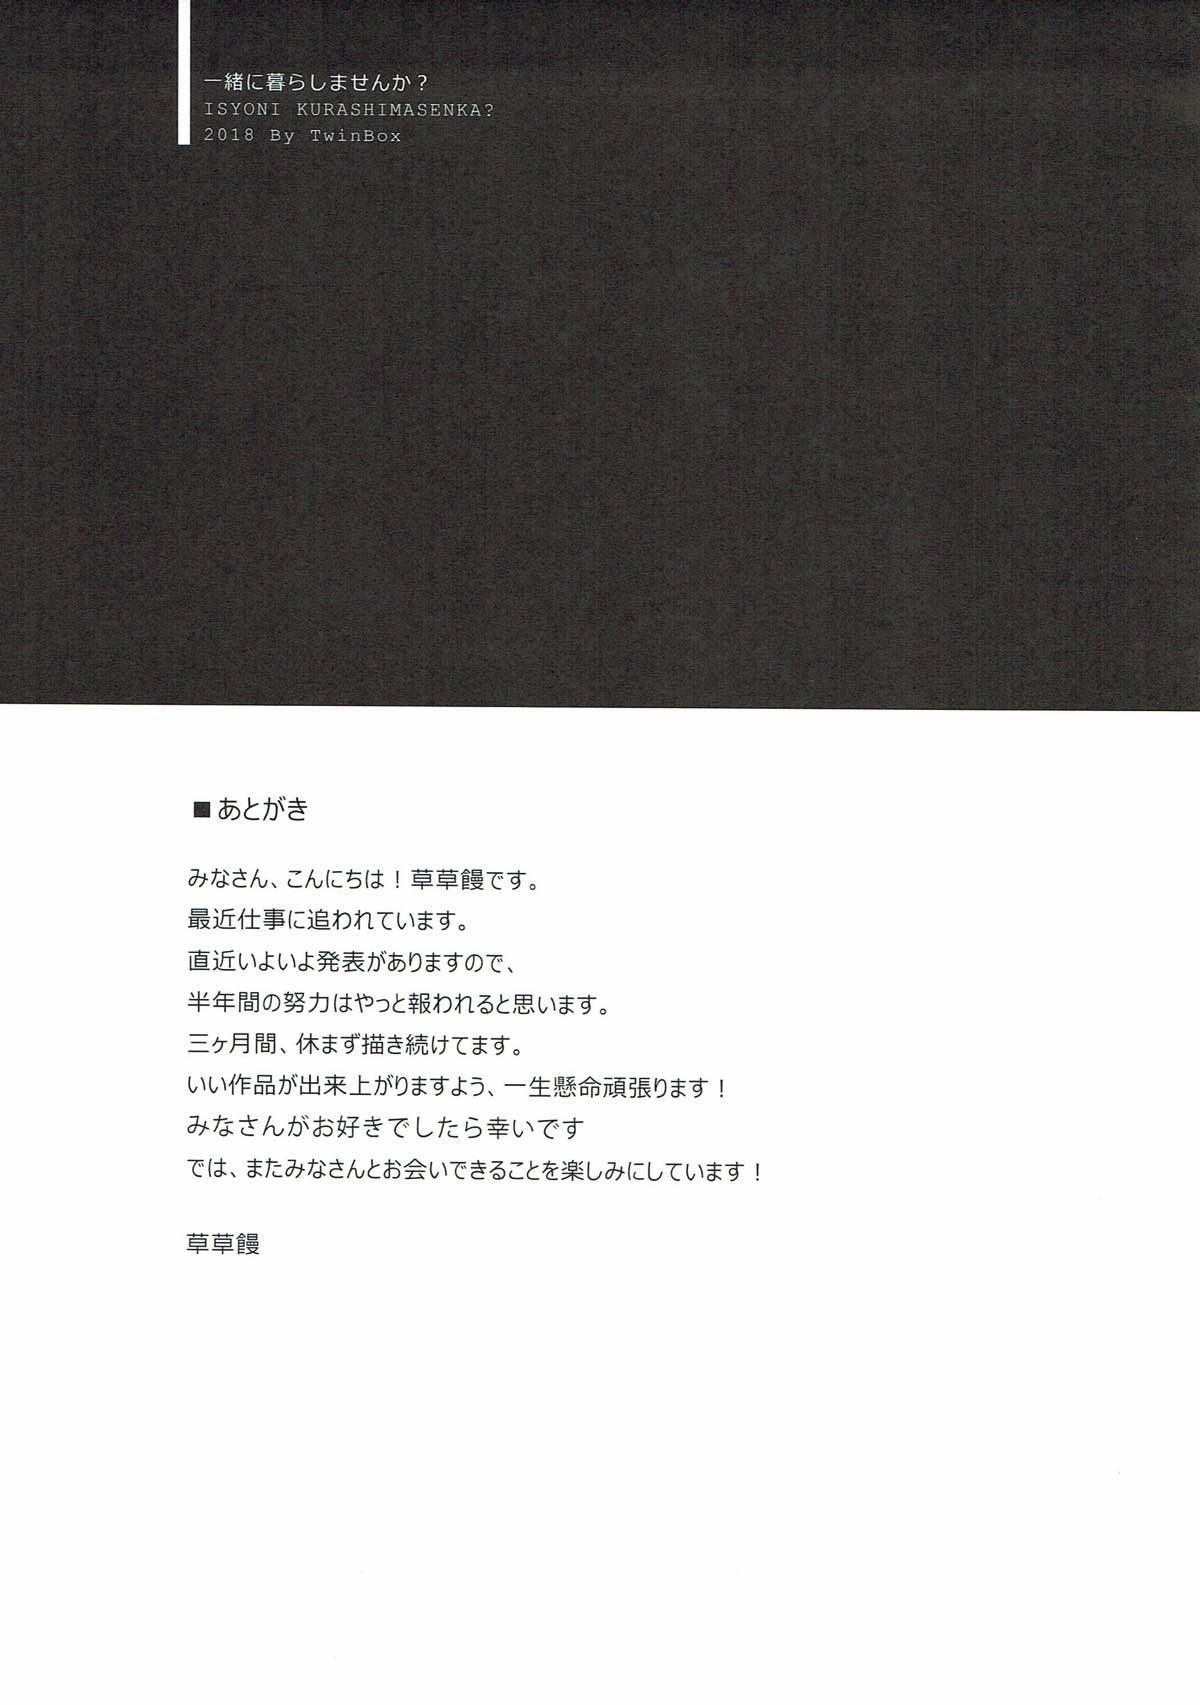 Issho ni Kurashimasen ka? 15